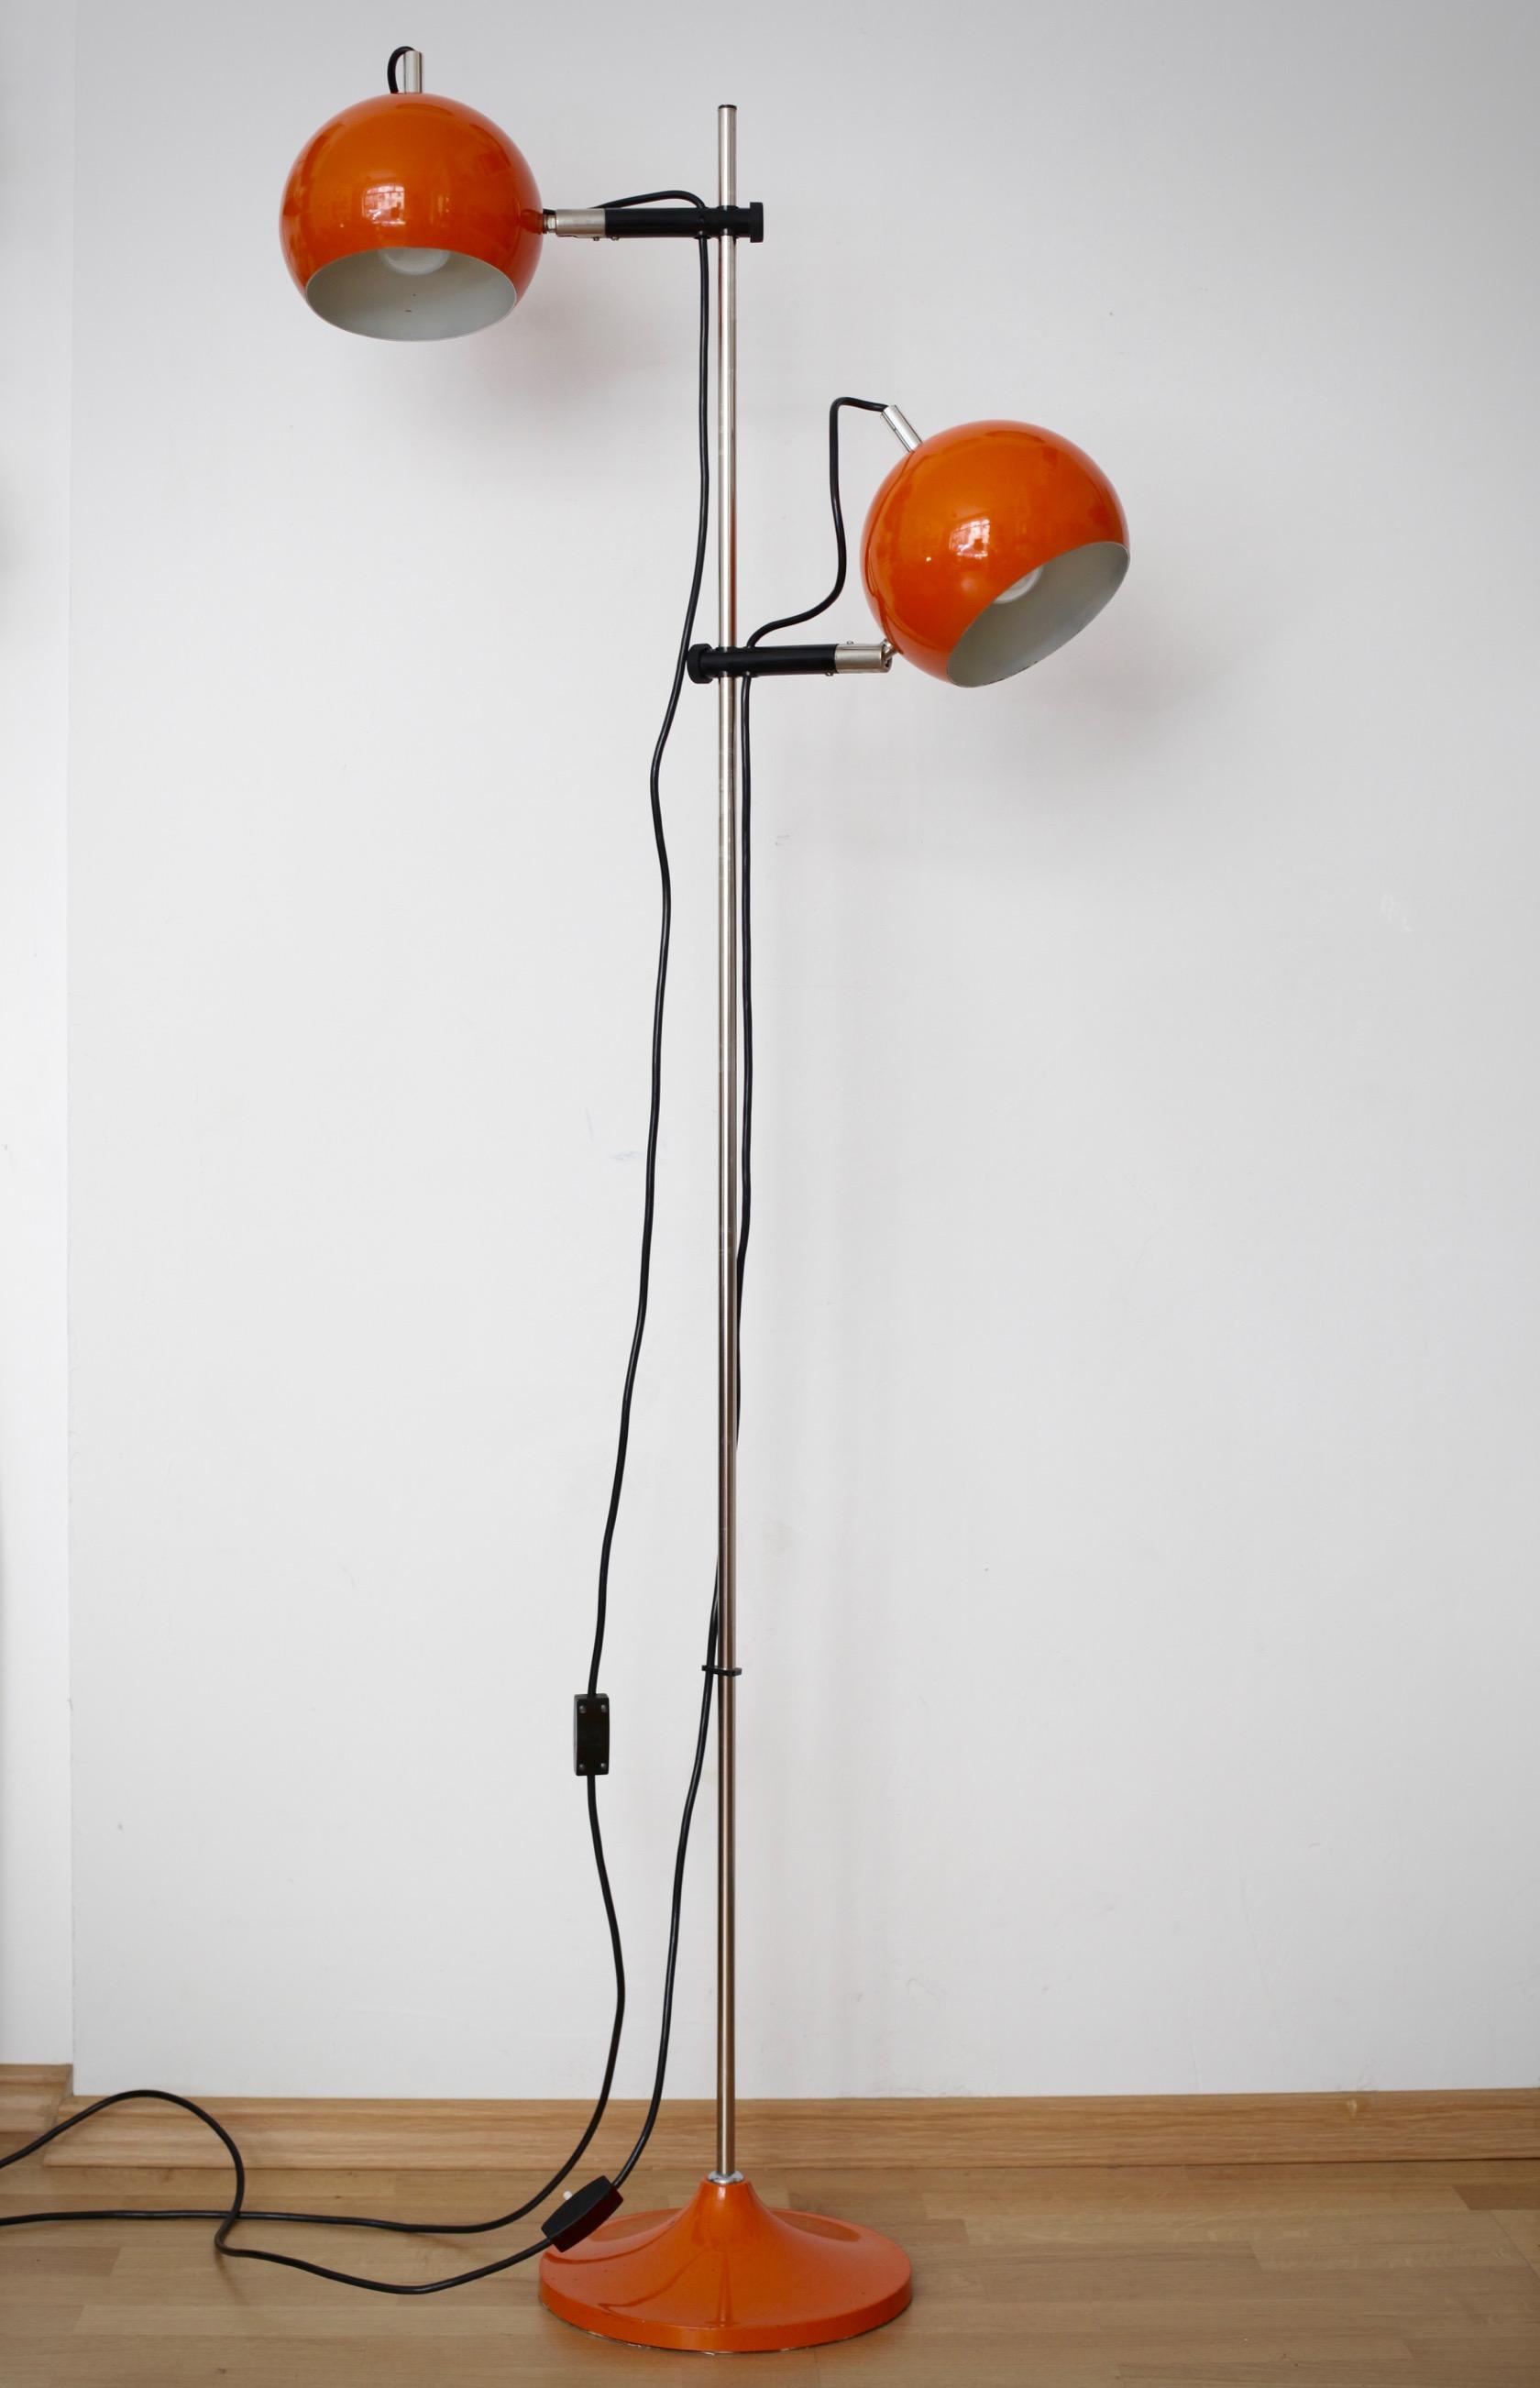 Stehlampe Mit Zwei Kugelspots In Orange Raumwunder Vintage